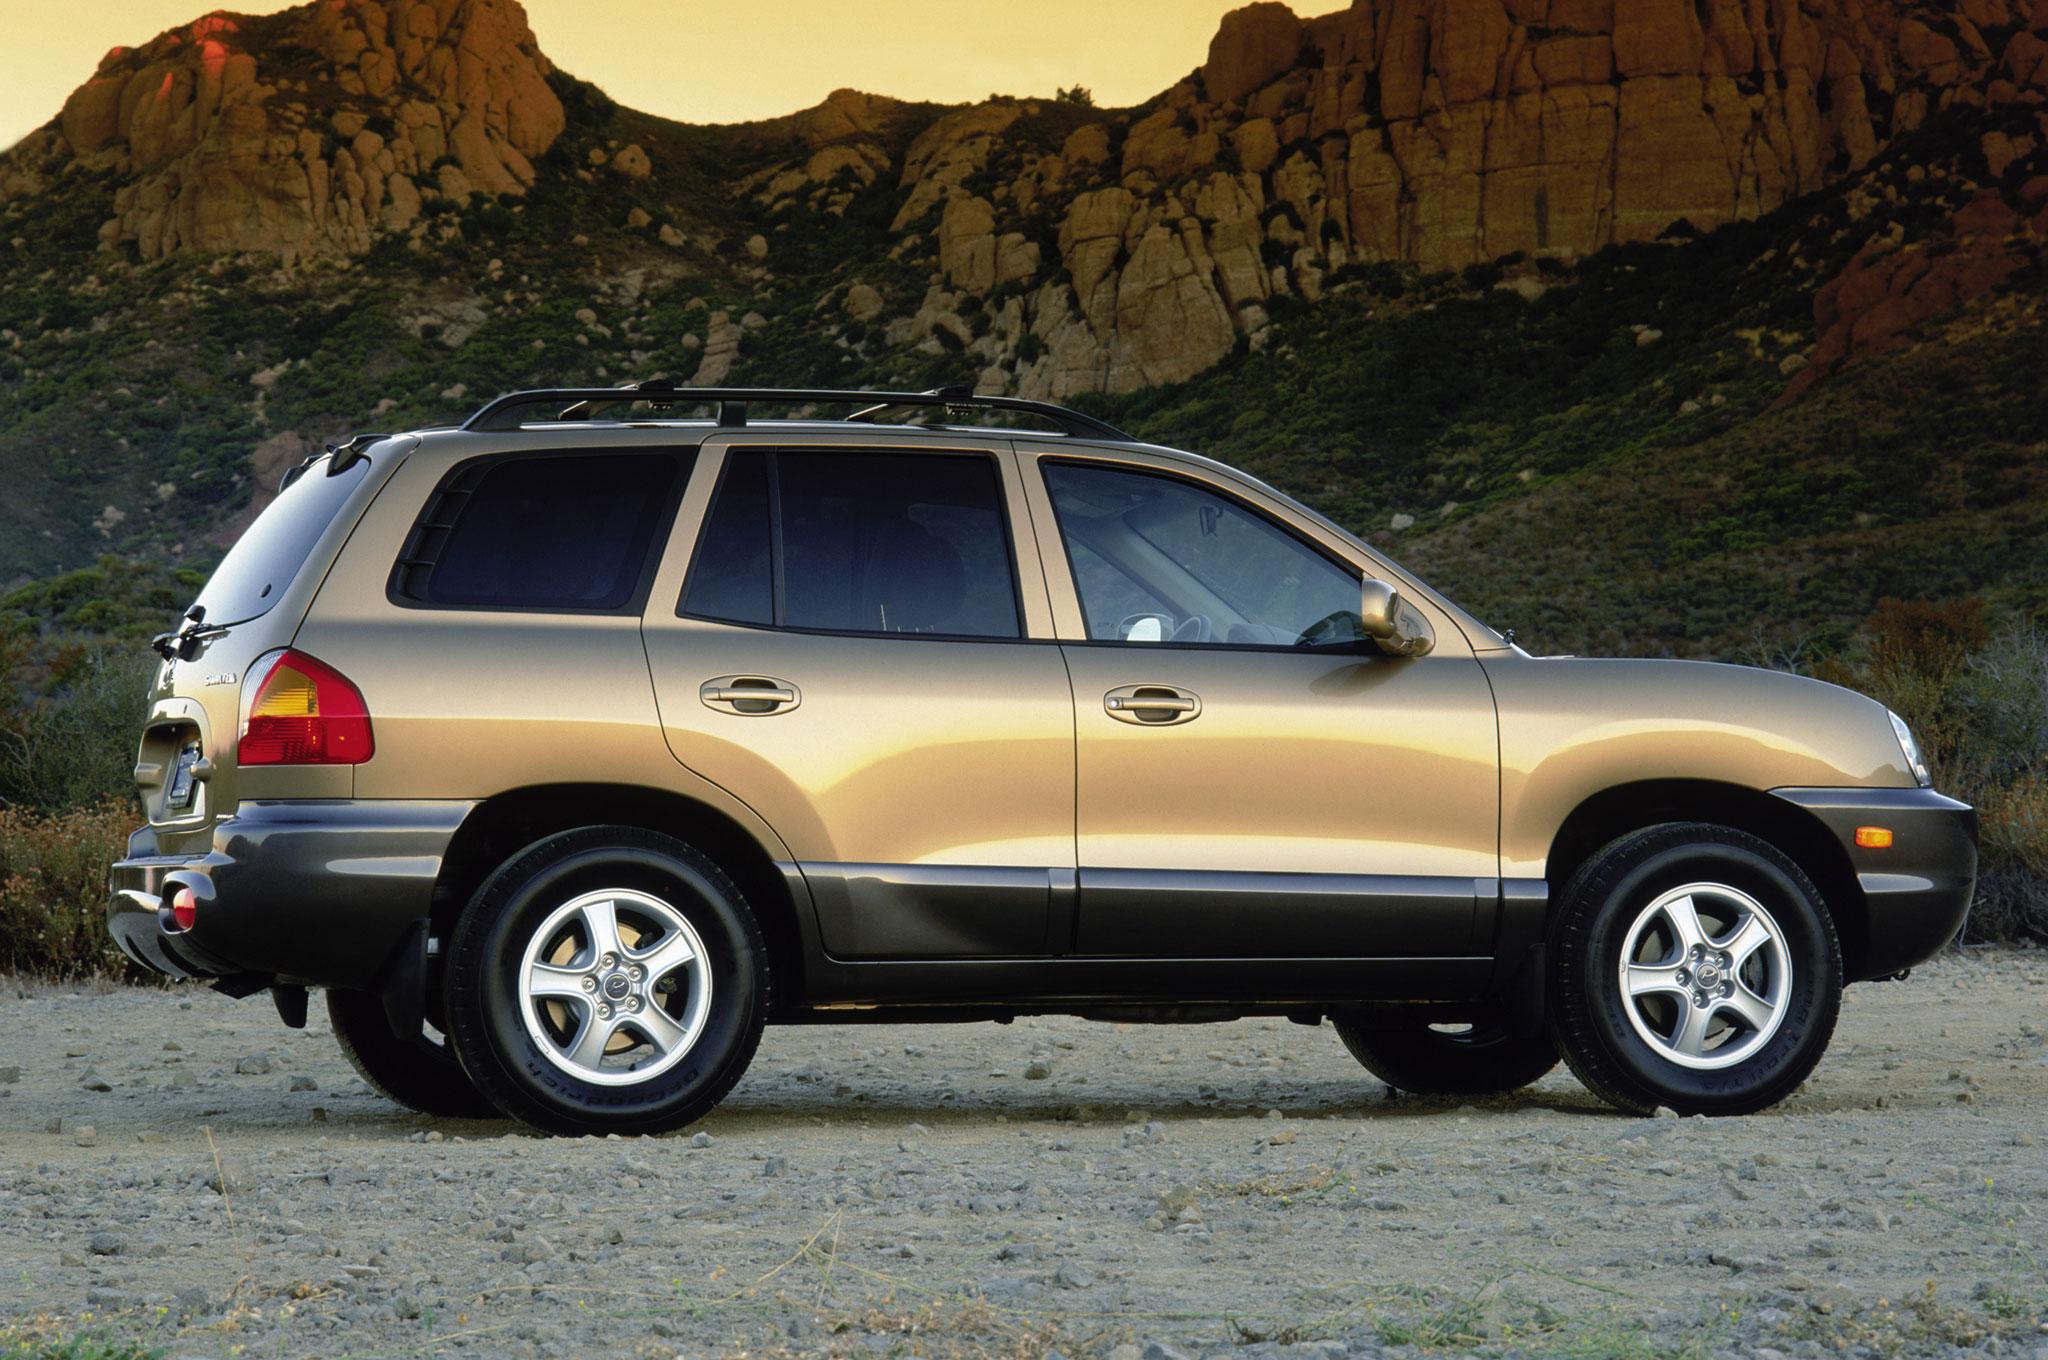 2003 Hyundai Santa Fe Image 4